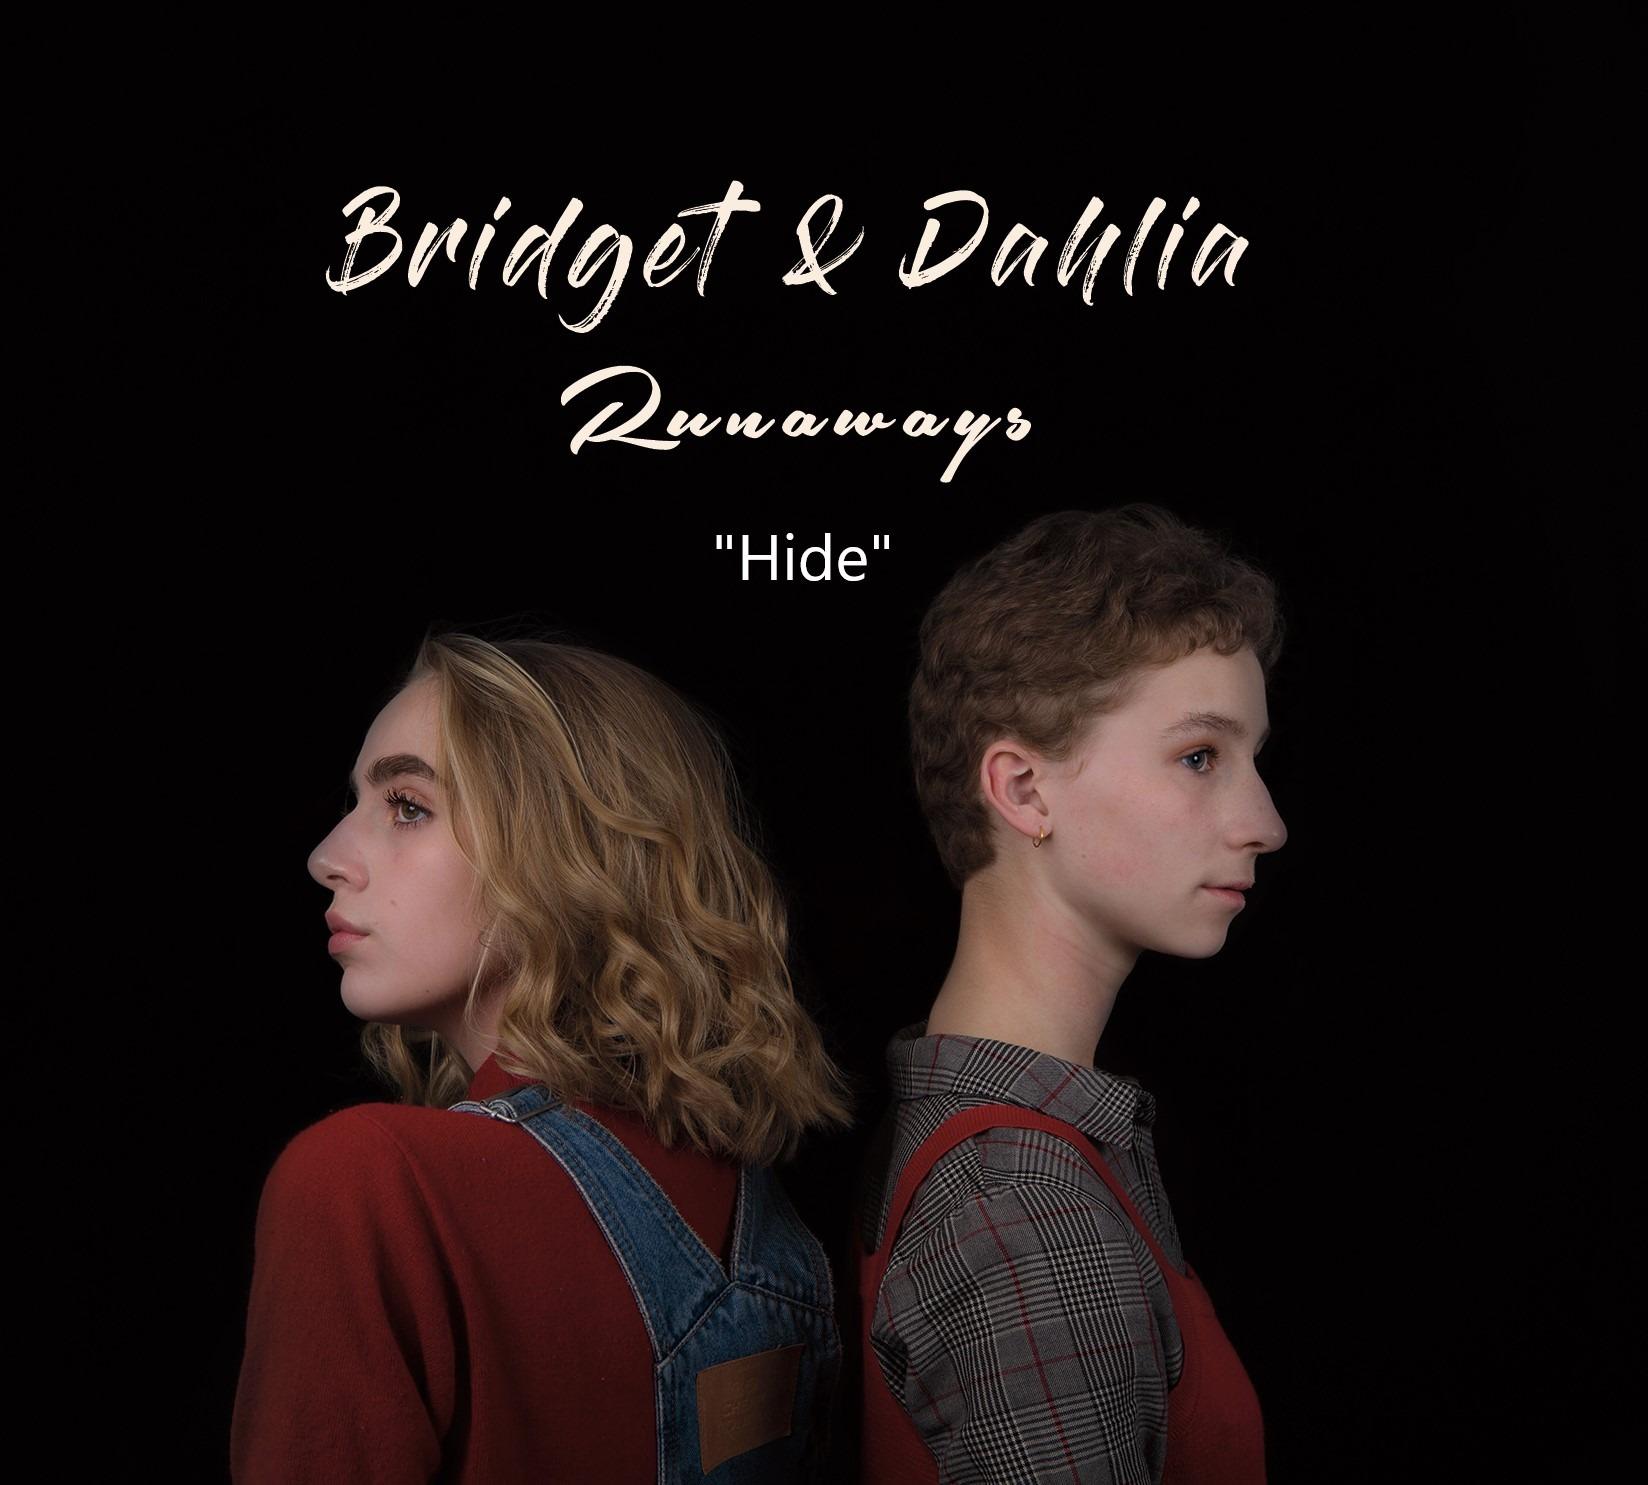 Bridget & Dahlia